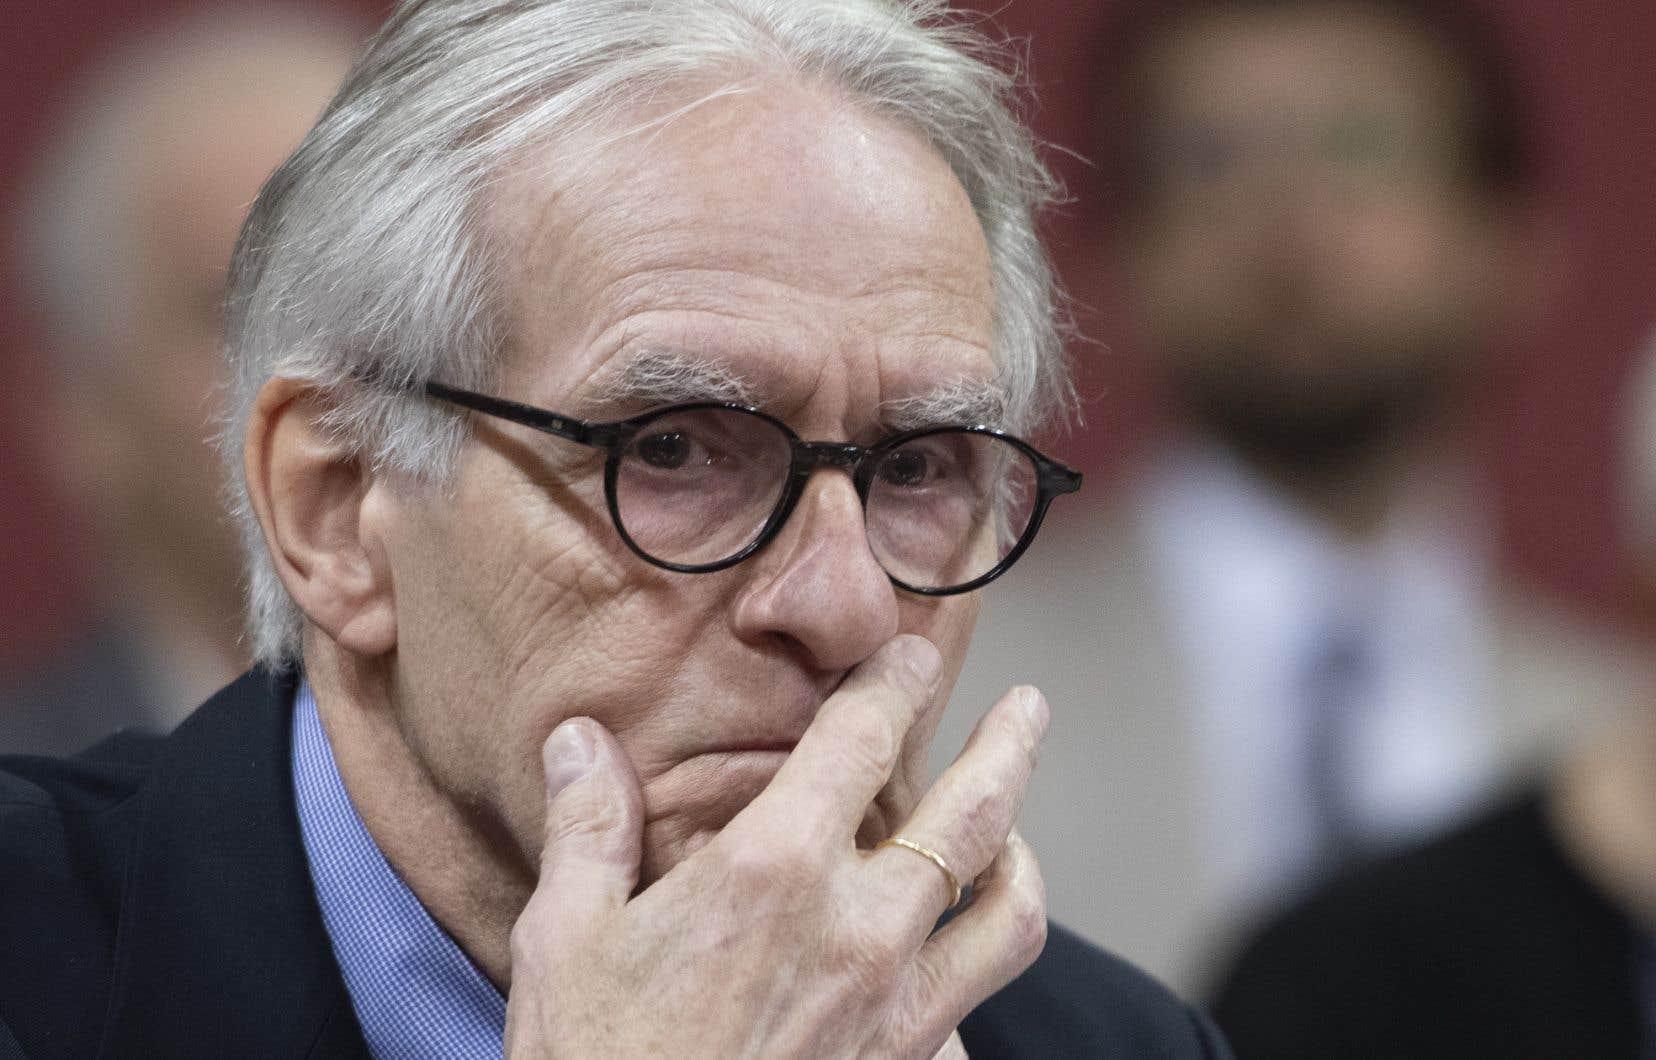 «Gérard Bouchard (sur la photo ci-dessus) s'oppose à l'interdiction des signes religieux pour les enseignants. Sur quoi se fonde son opposition?», questionne l'auteur.